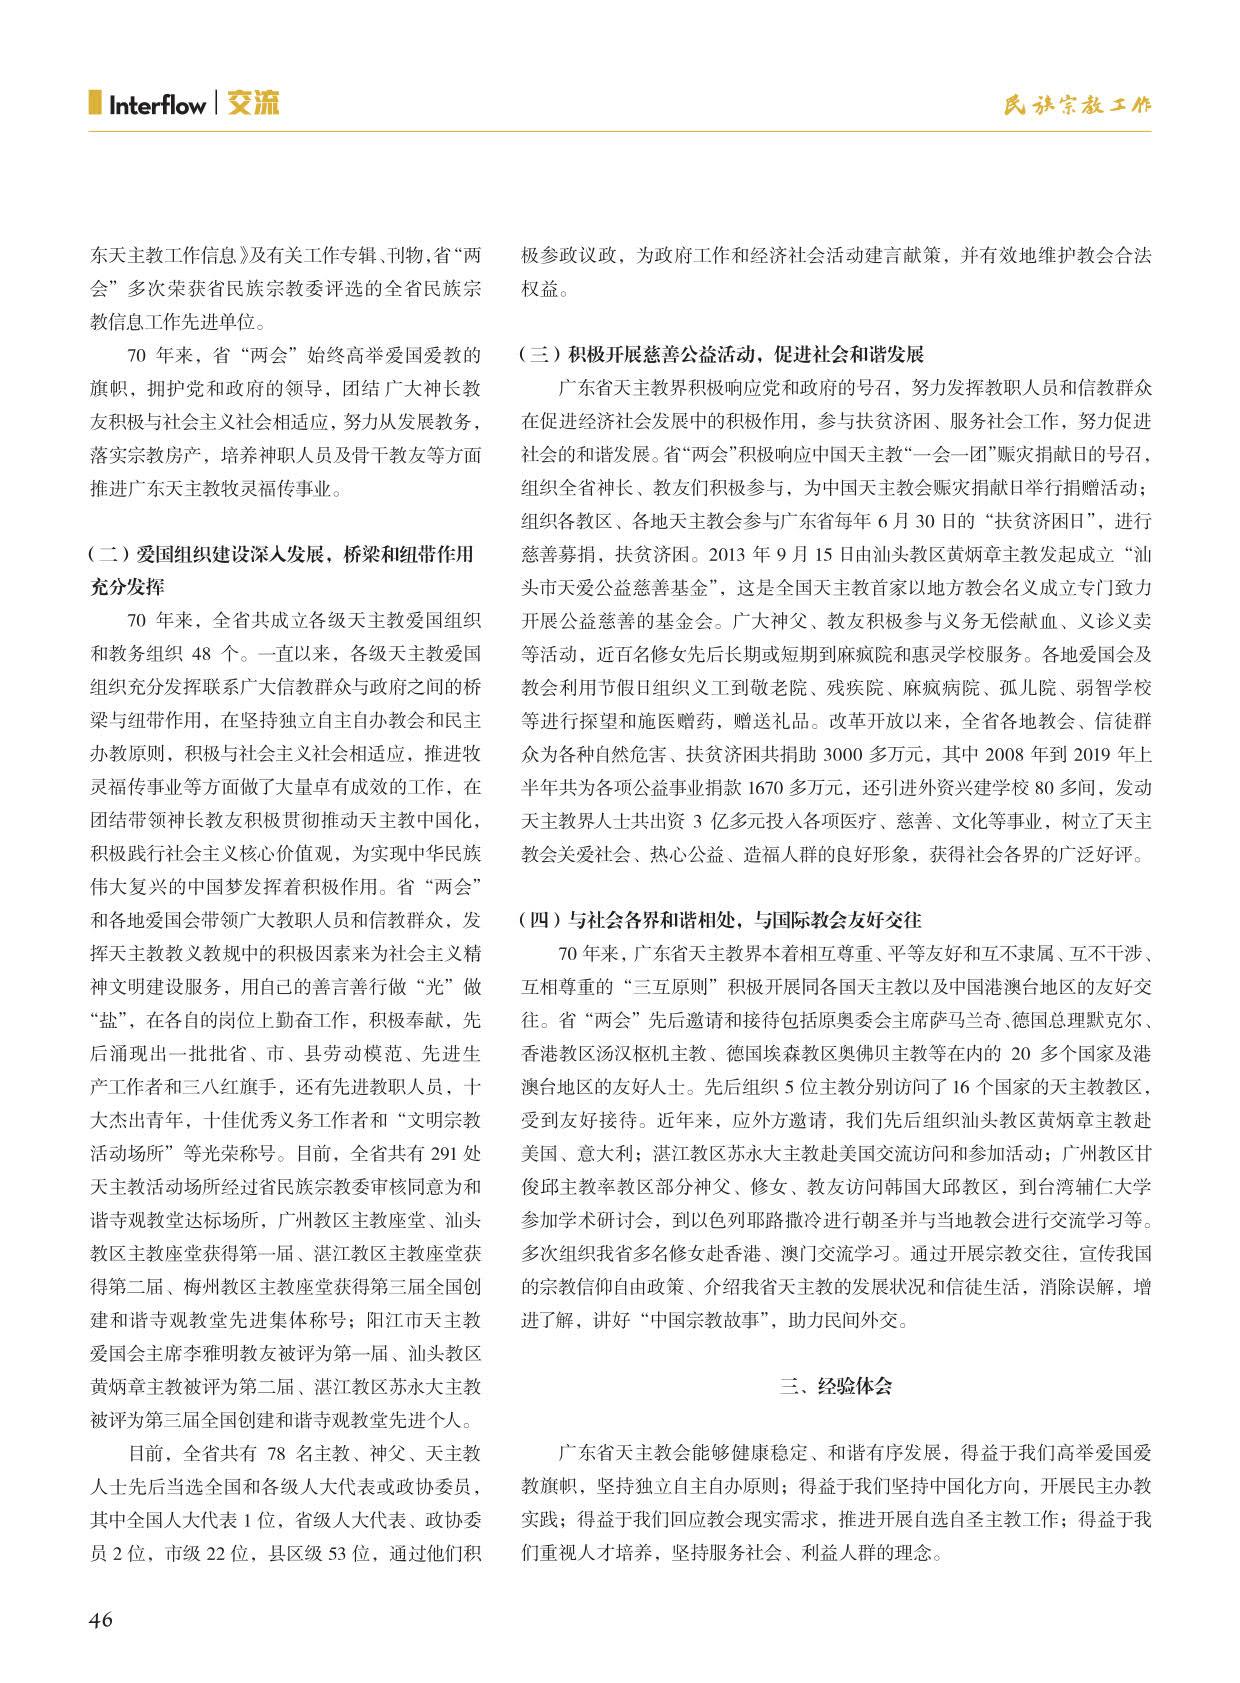 民宗委 十月(1)_48.jpg